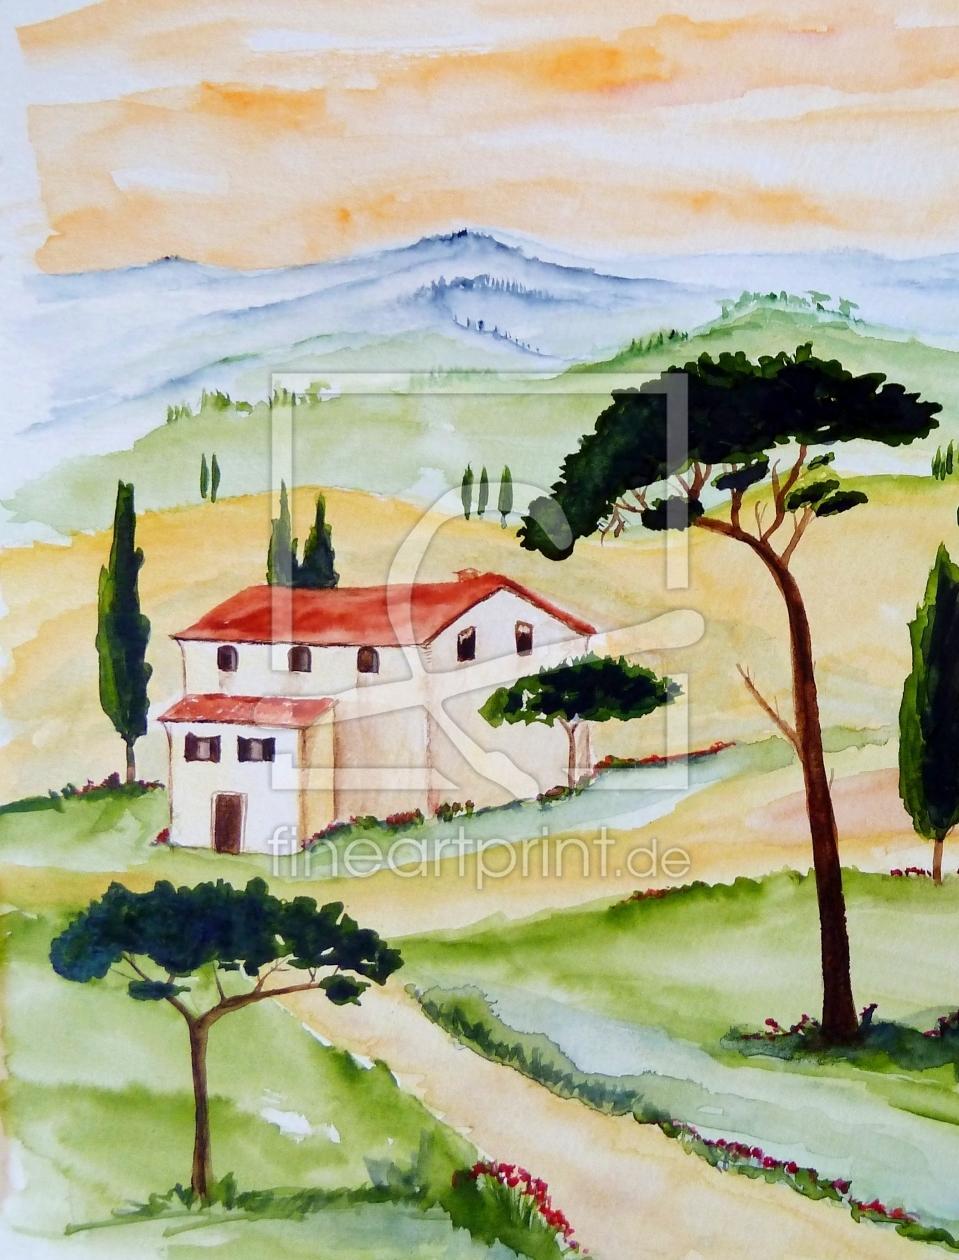 ToskanaStille und Harmonie 2 als Teppich von